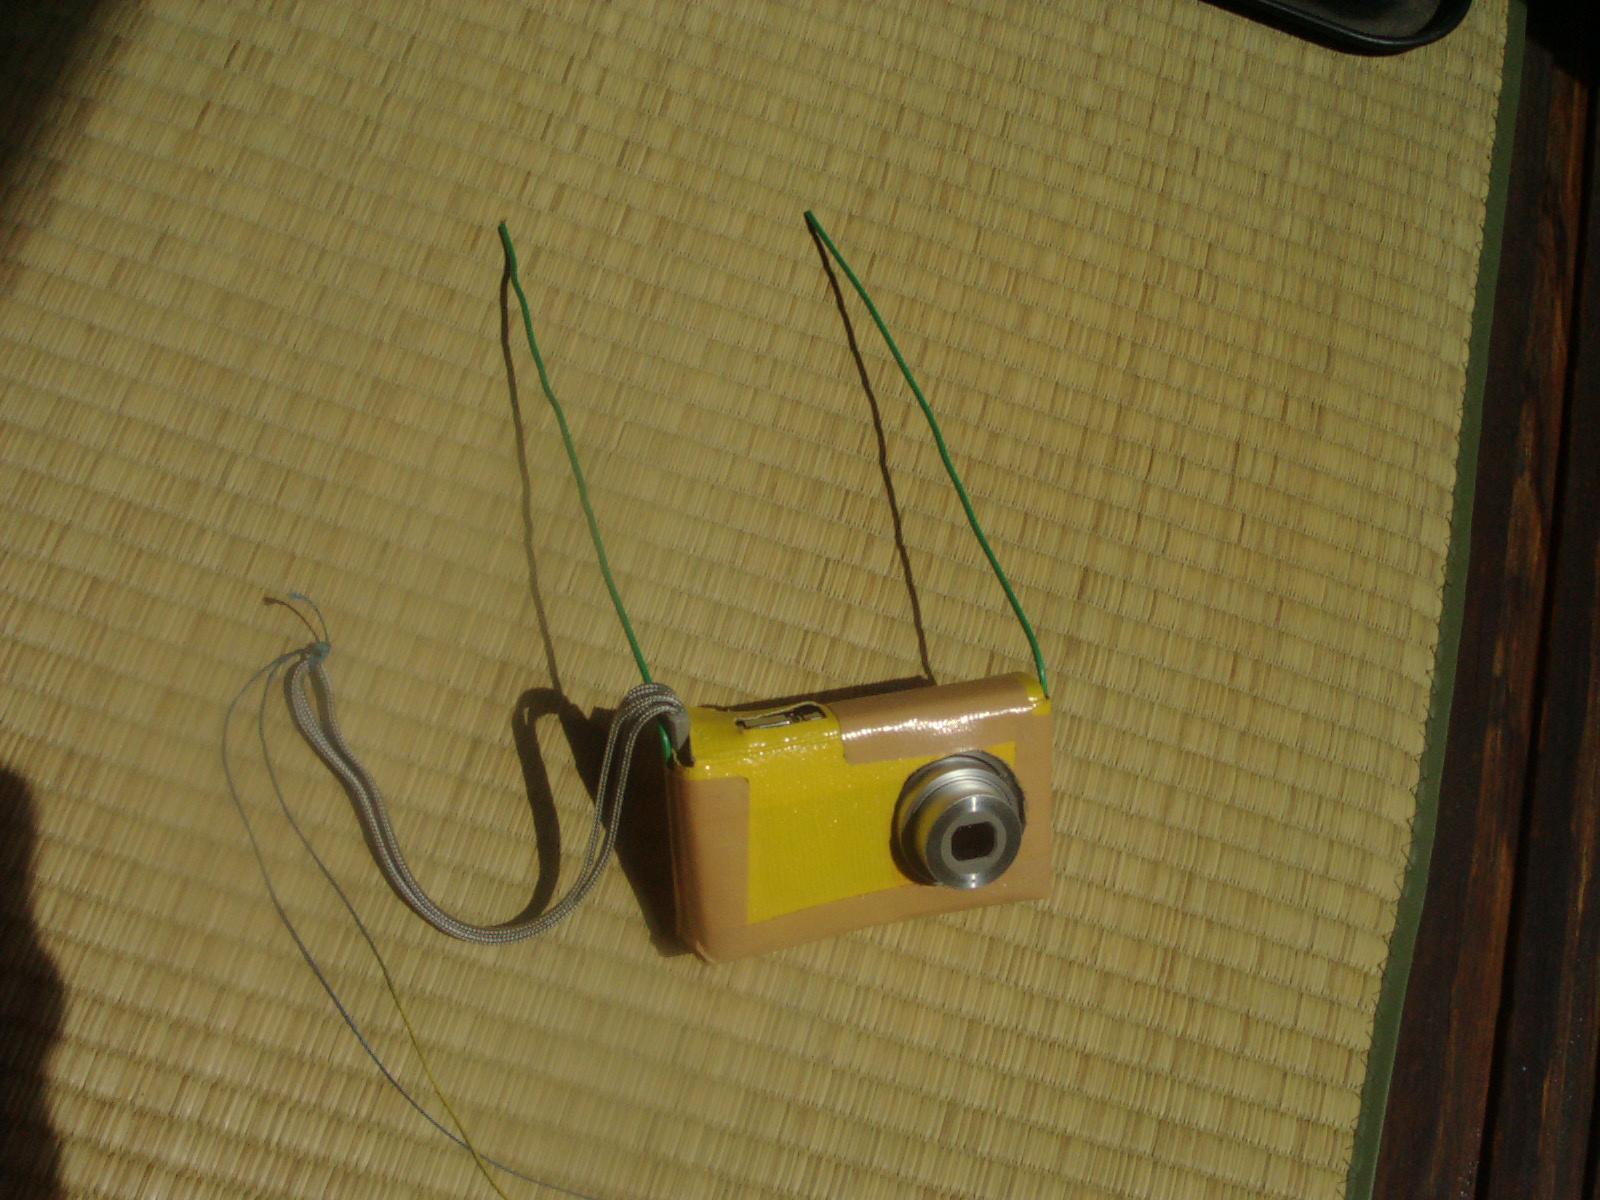 布テープを貼り合せ針金を取り付けただけのこのケースをカイトの骨組みに取り付けるだけのシンプルな方法で空撮を楽しんでいます。 :: 85_1.jpg  : 788 KB